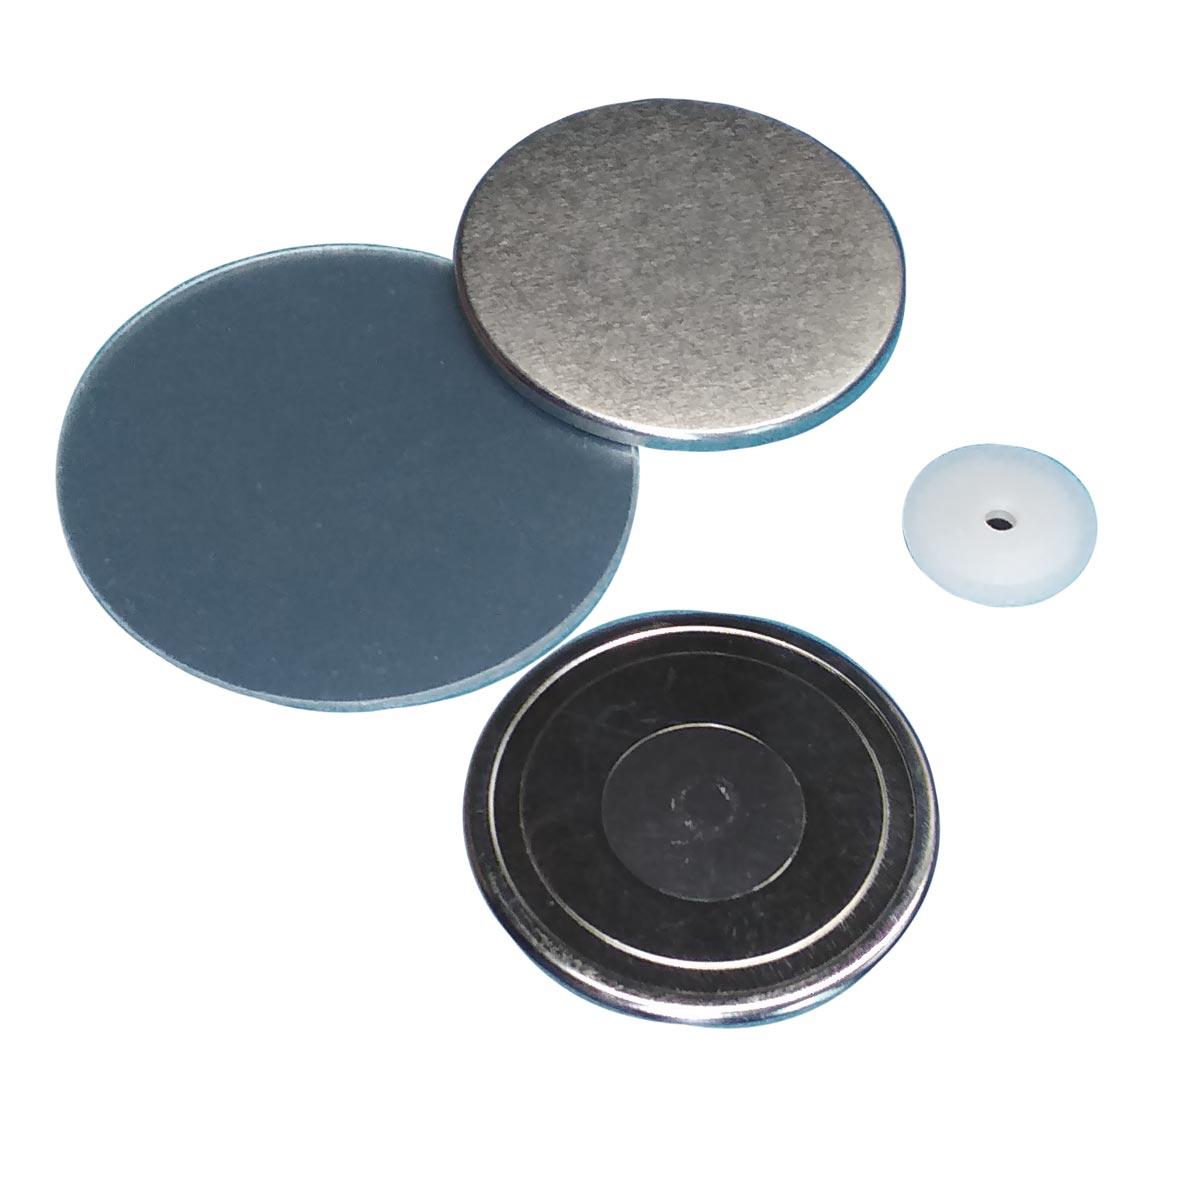 Komponenty do maszynki do składania znaczków z bezpiecznym zapięciem magnetycznym do ubrań